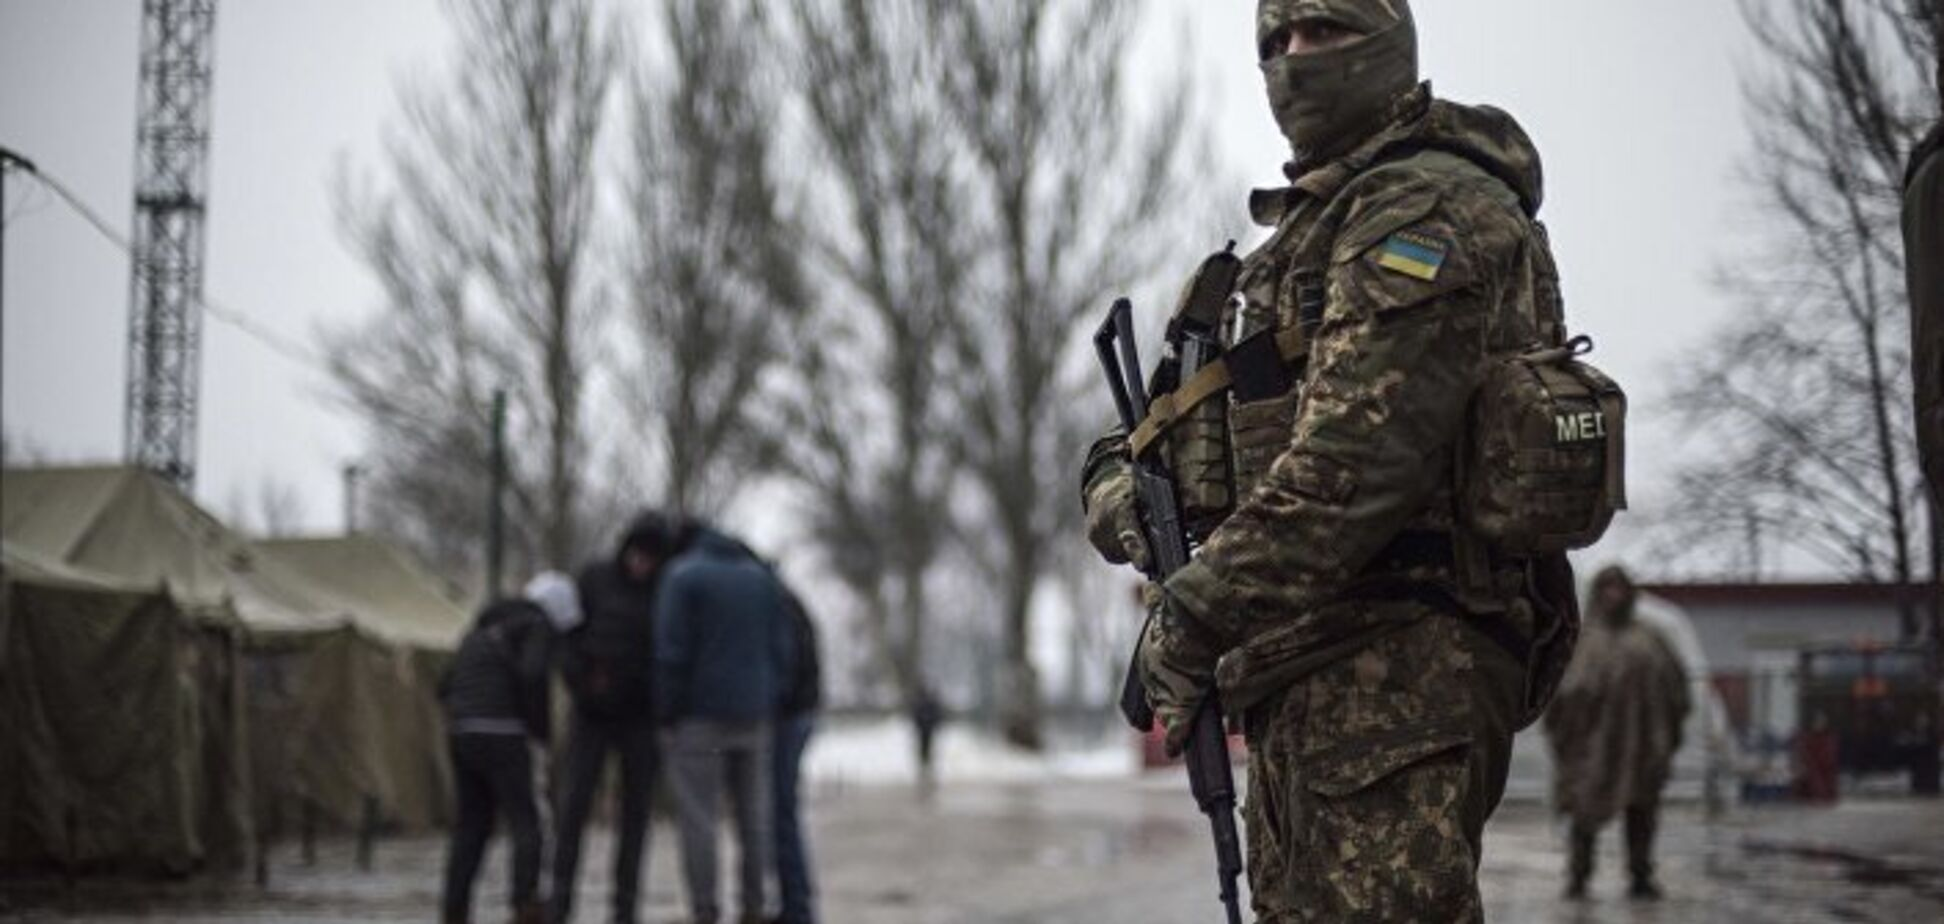 'Л/ДНР' развязали кровавые бои: ВСУ понесли трагические потери на Донбассе